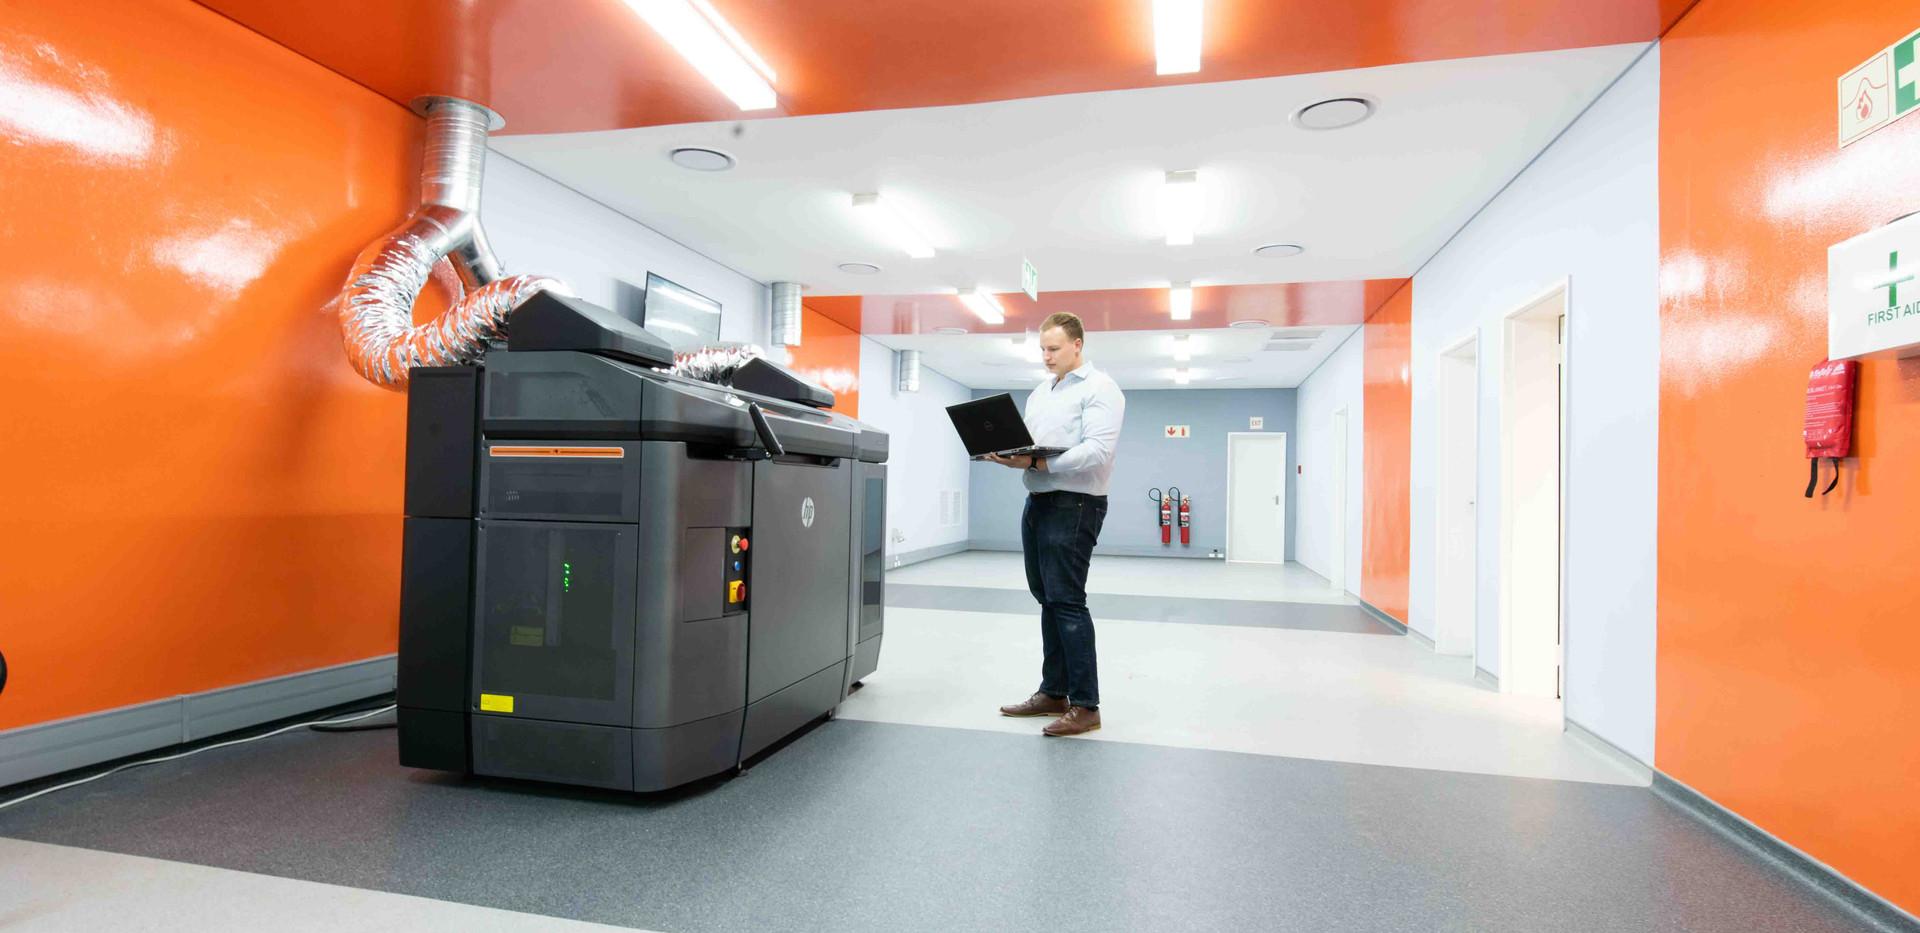 Mentis 3D - Printing Room